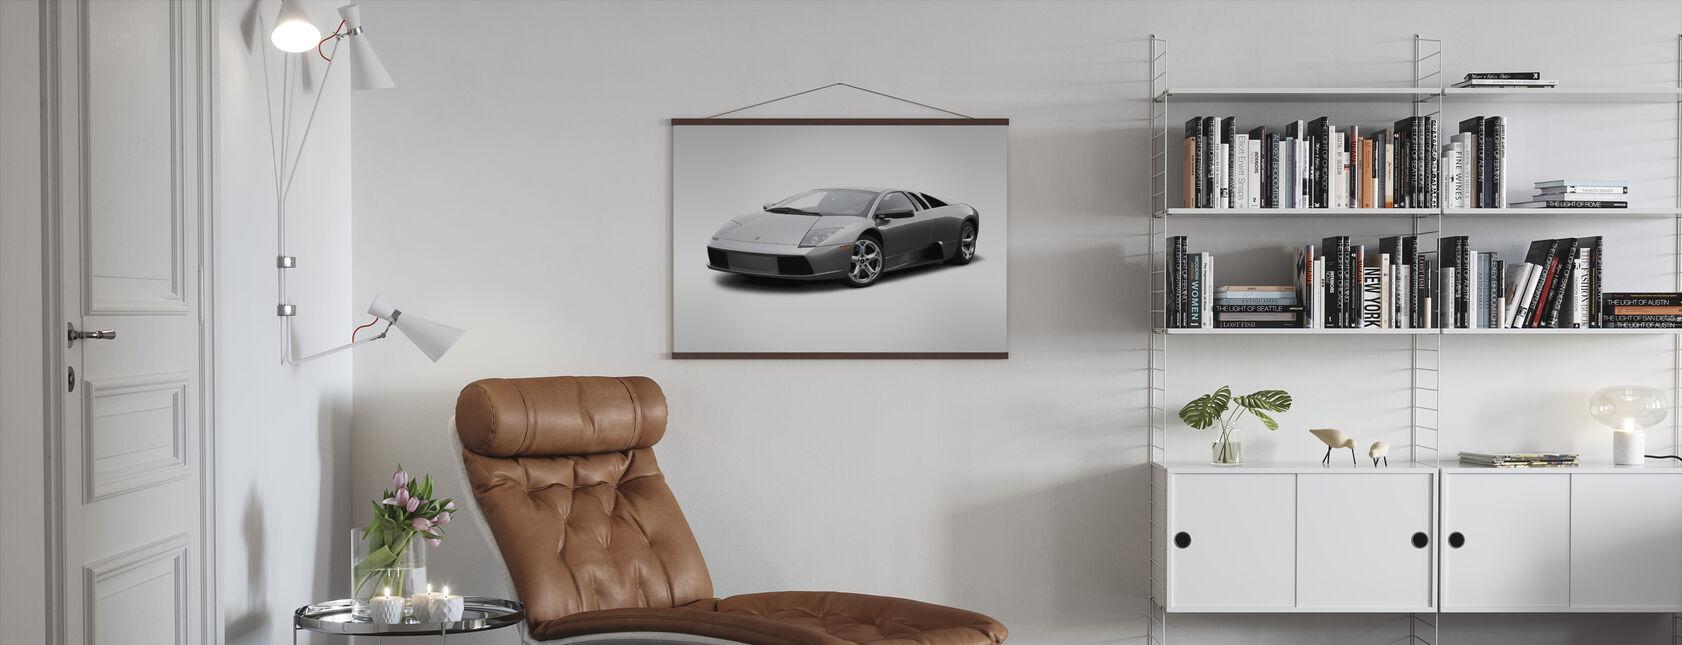 Lamborghini - Poster - Vardagsrum